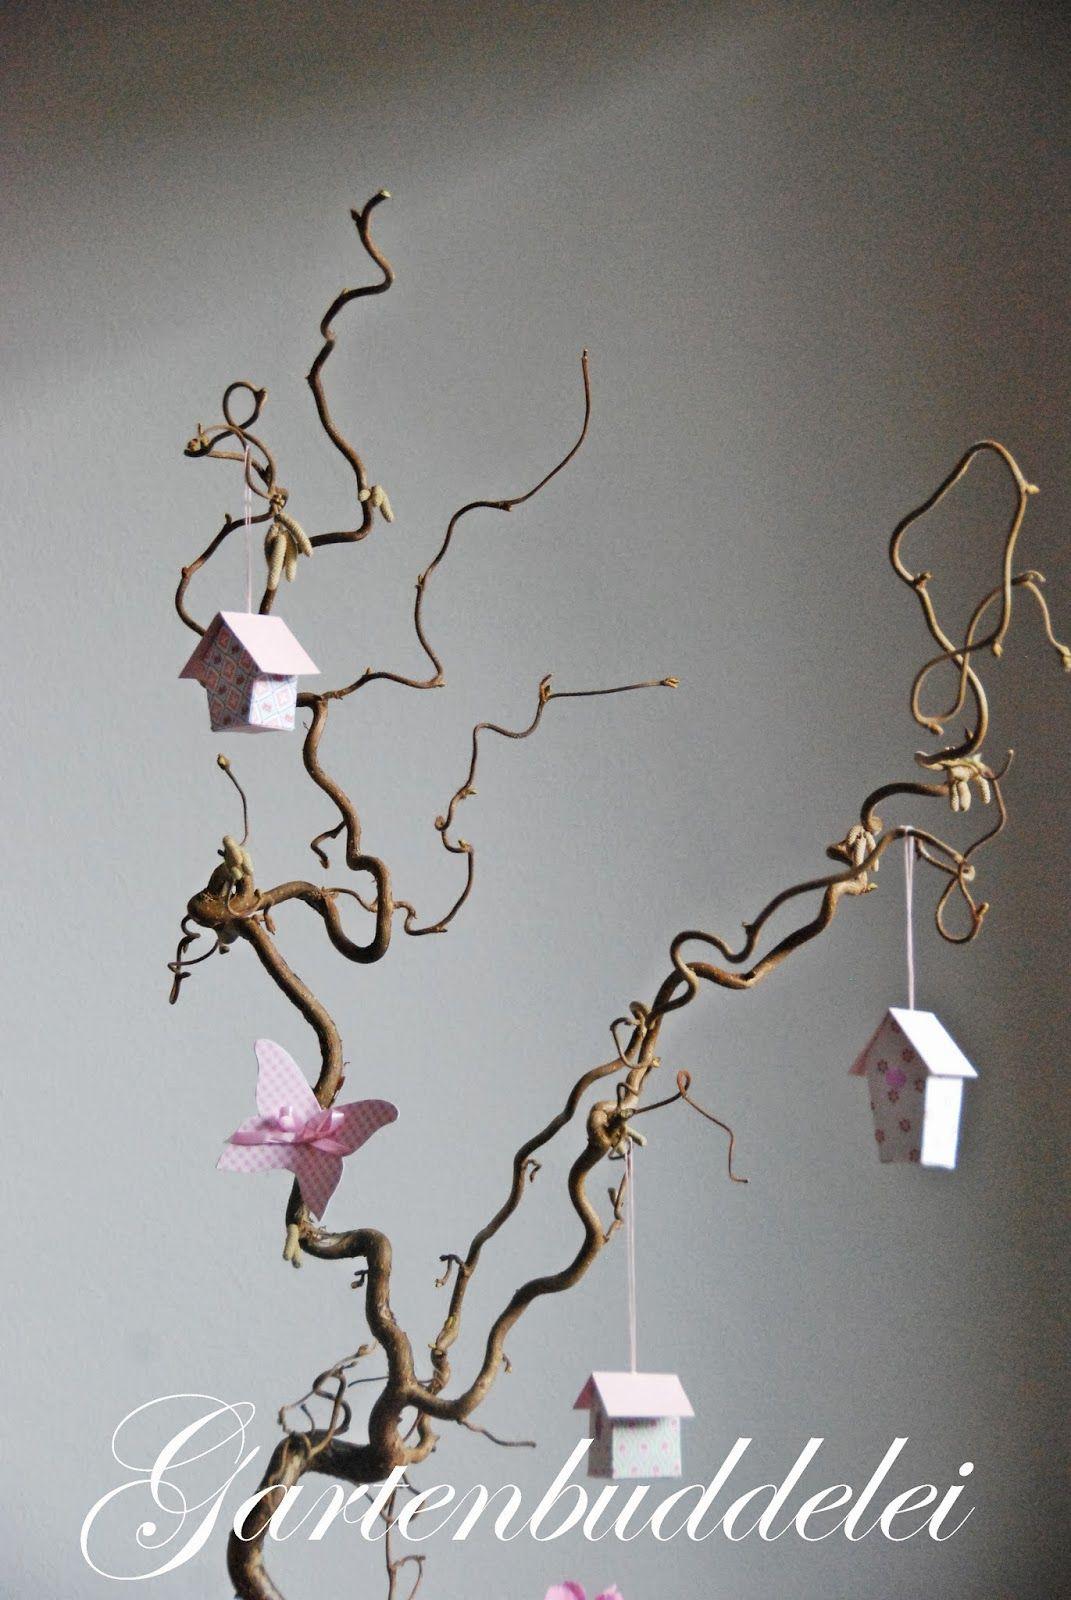 Ein Kleiner Hauch Klasse Dekoration Deko Ideen Gartenbuddelei